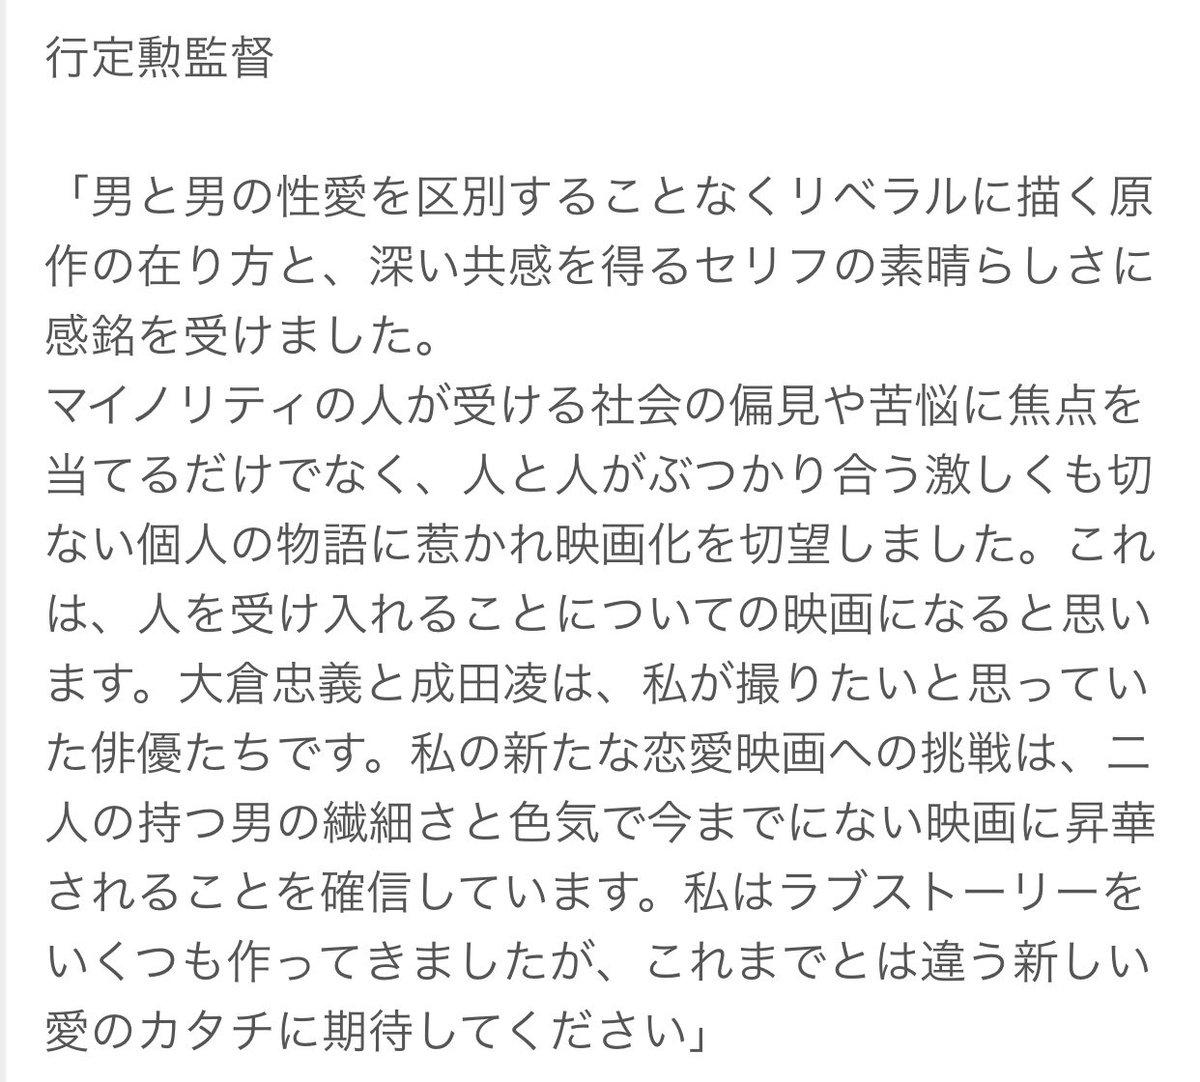 みどりのこのみ(・ω・)'s photo on 行定監督